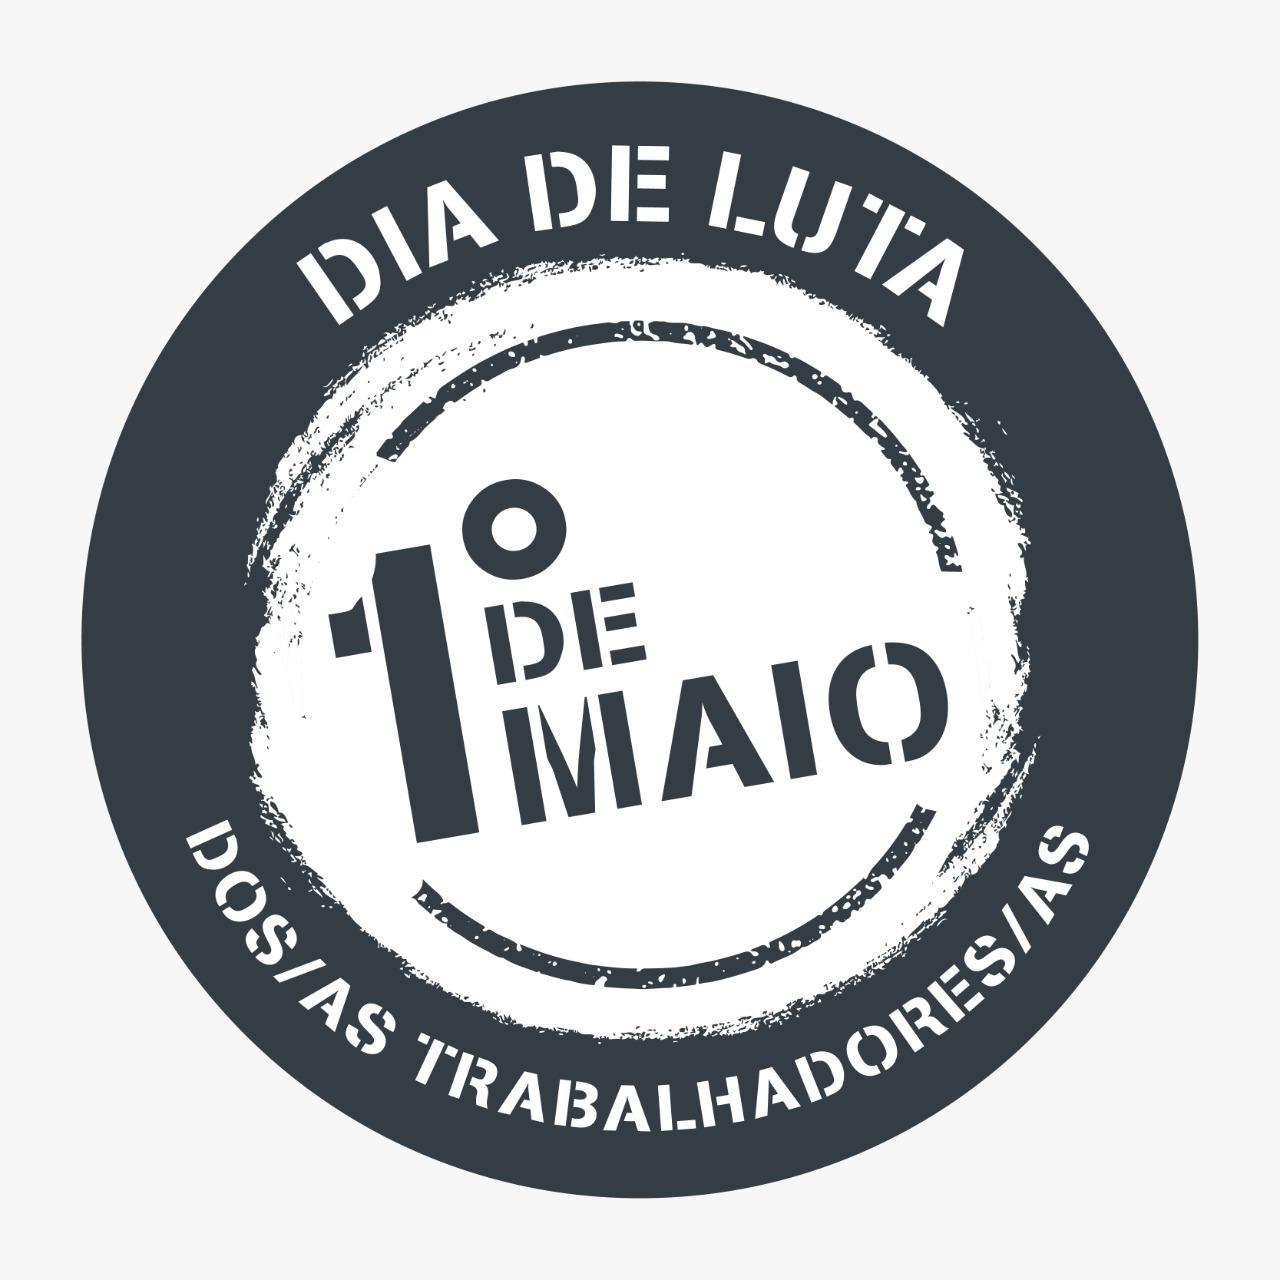 logo 1M — 1° de maio: dia internacional de trabalhadores e trabalhadoras, em meio a ataques aos servidores públicos e à educação, em plena pandemia — ADunicamp